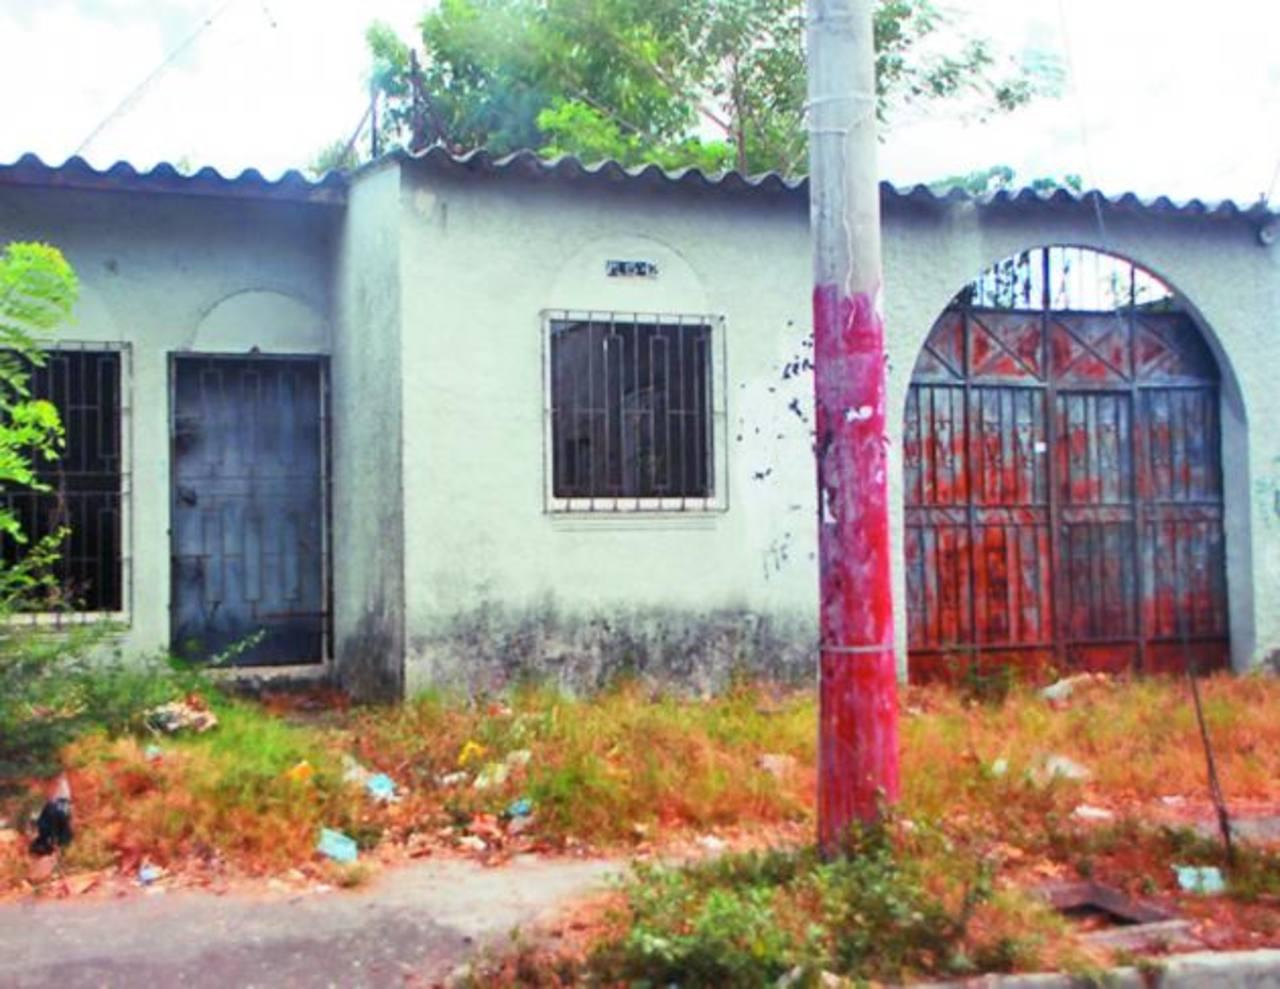 Las viviendas están situadas en la parte baja de la colonia Jardines del Río en San Miguel. Foto EDH /francisco torres